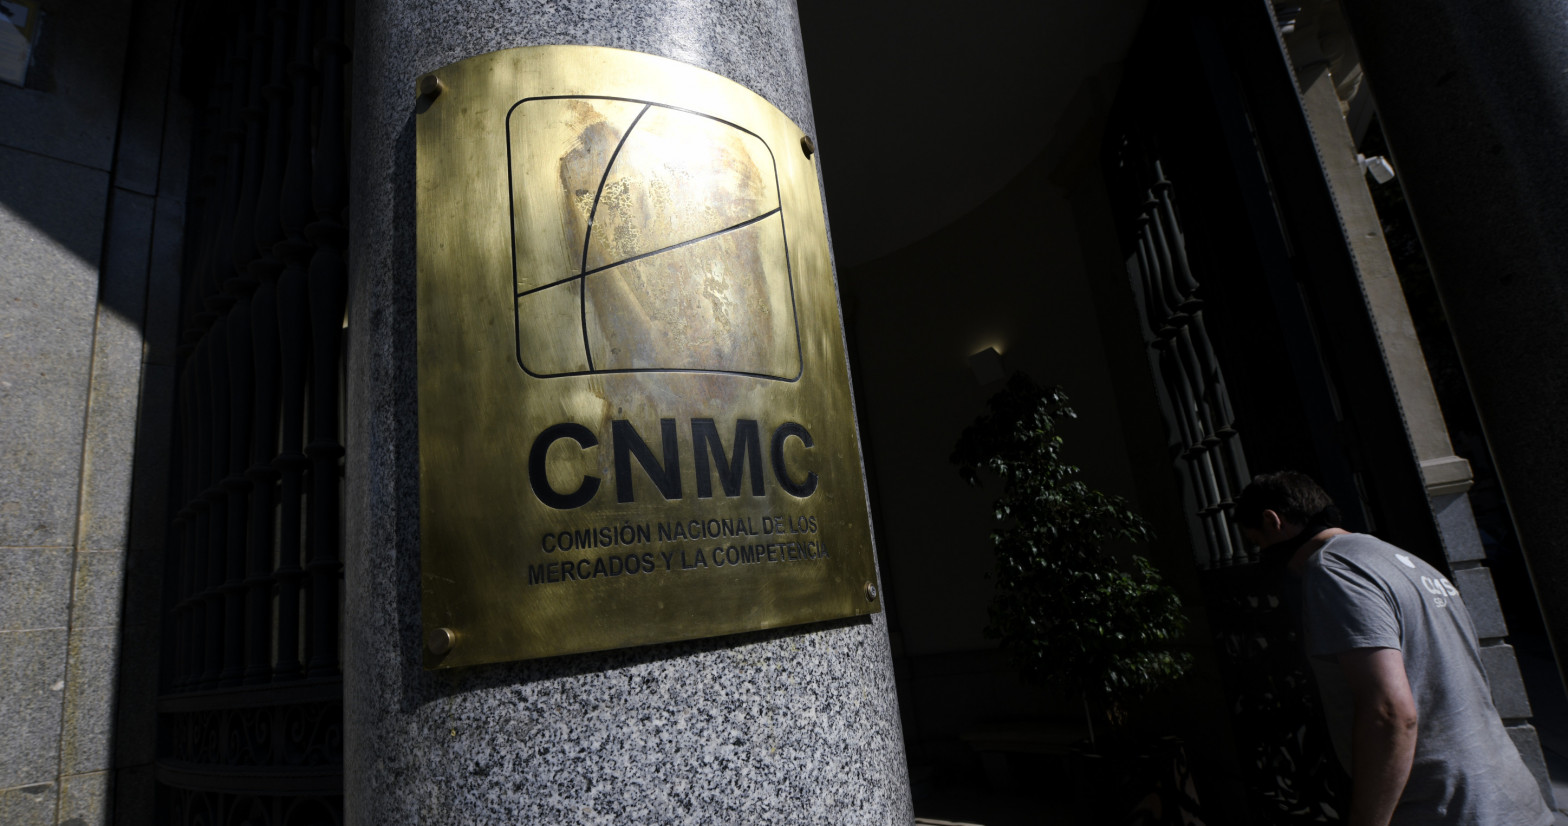 La CNMC avala el recorte del dividendo de CO2, pero pide destinarlo a reducir el coste de la energía